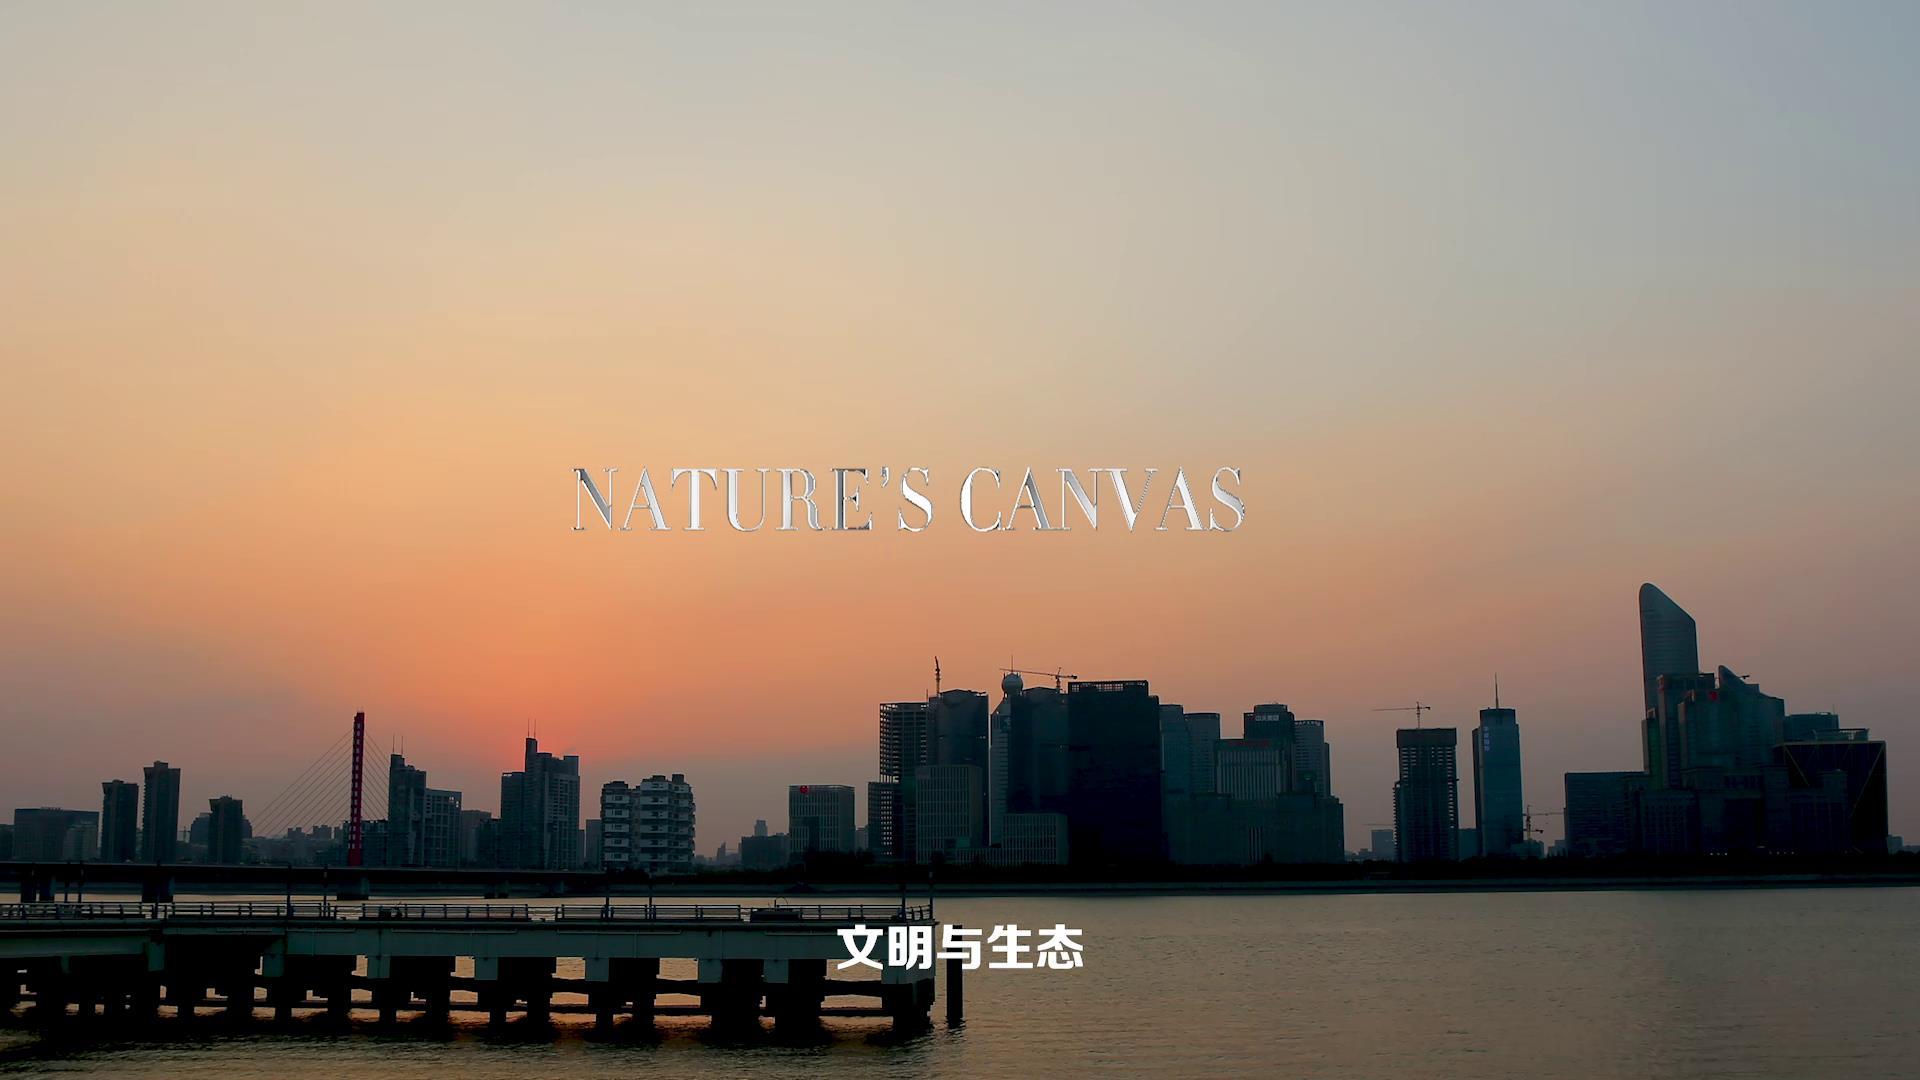 《之江故事》第三集:生态与文明图片